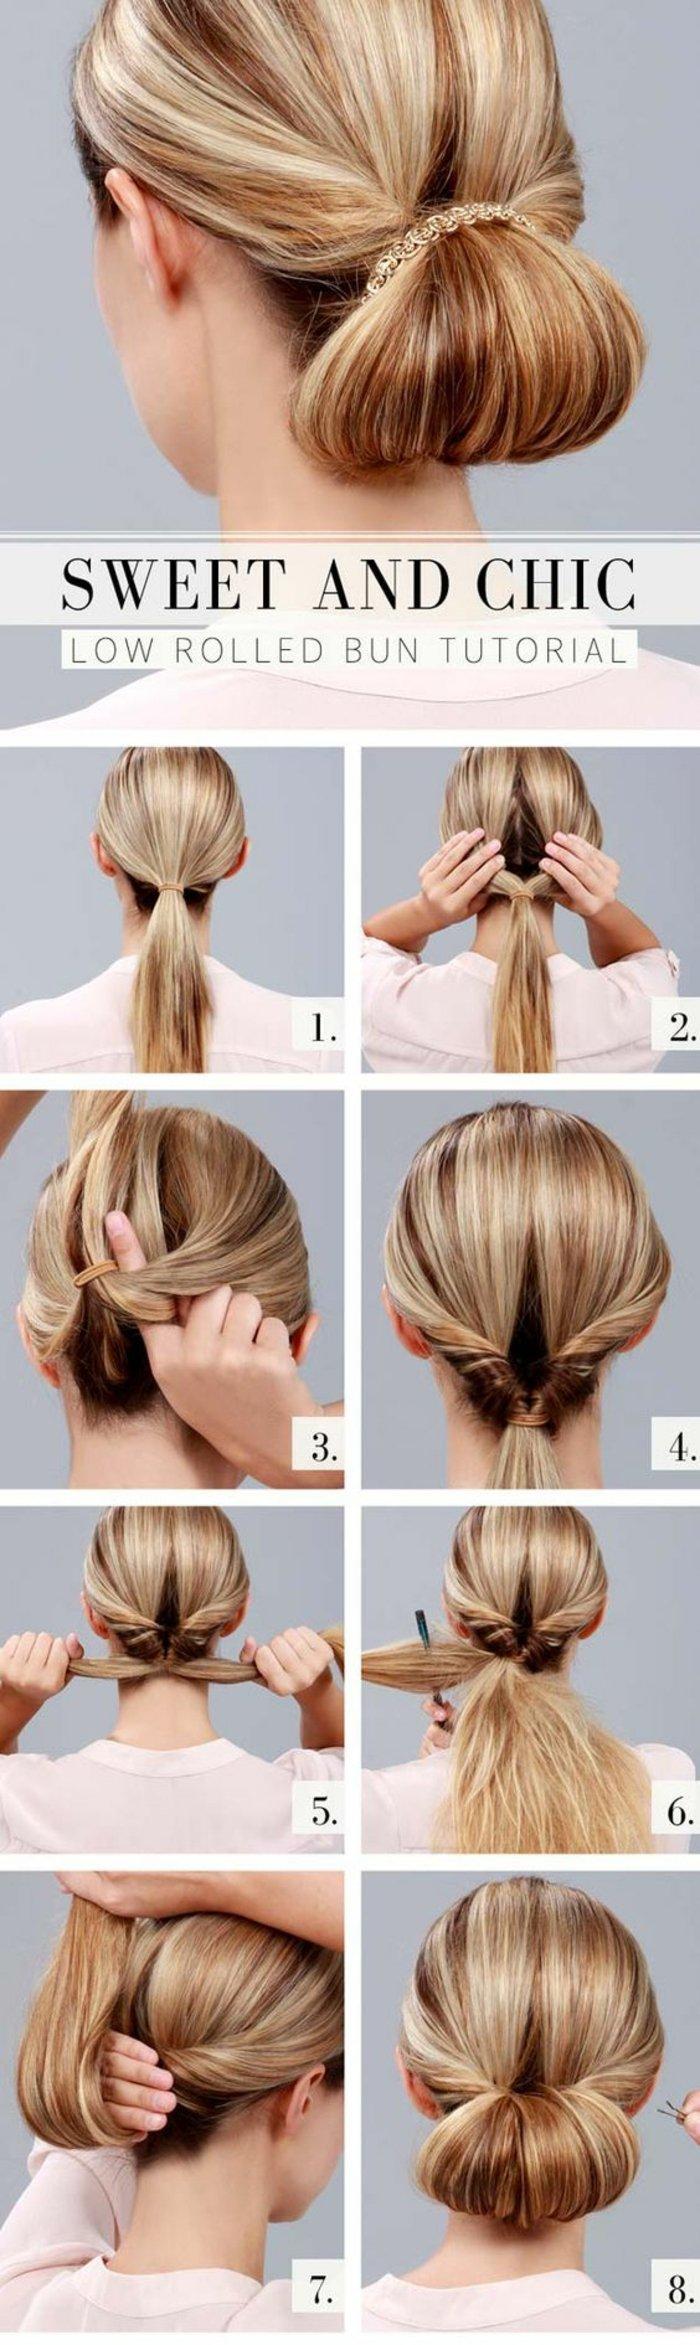 idées de coiffures avec un chignon rapide hair style